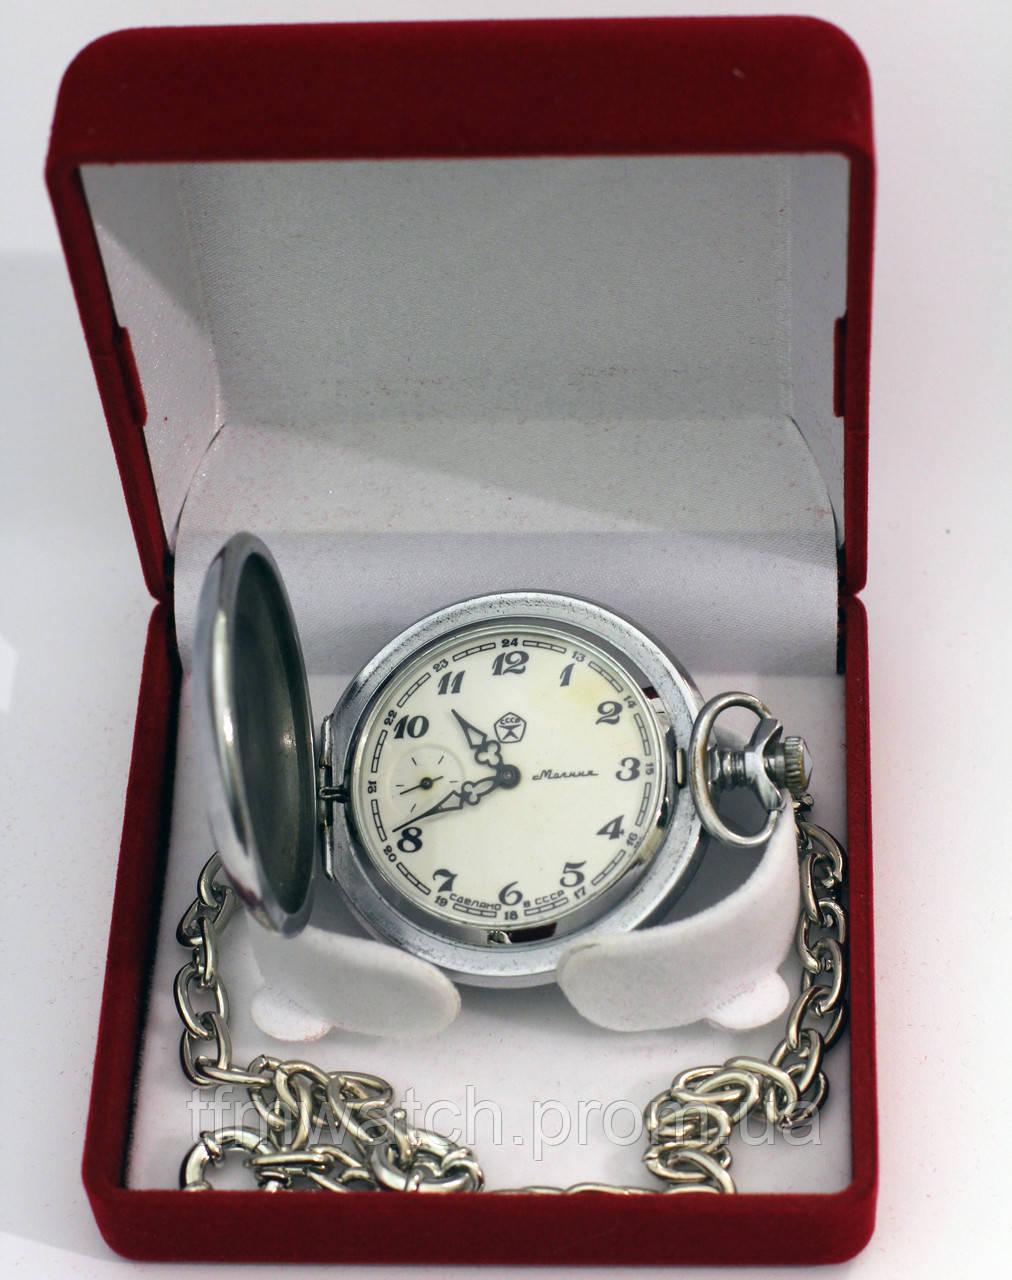 Молния часы с крышкой